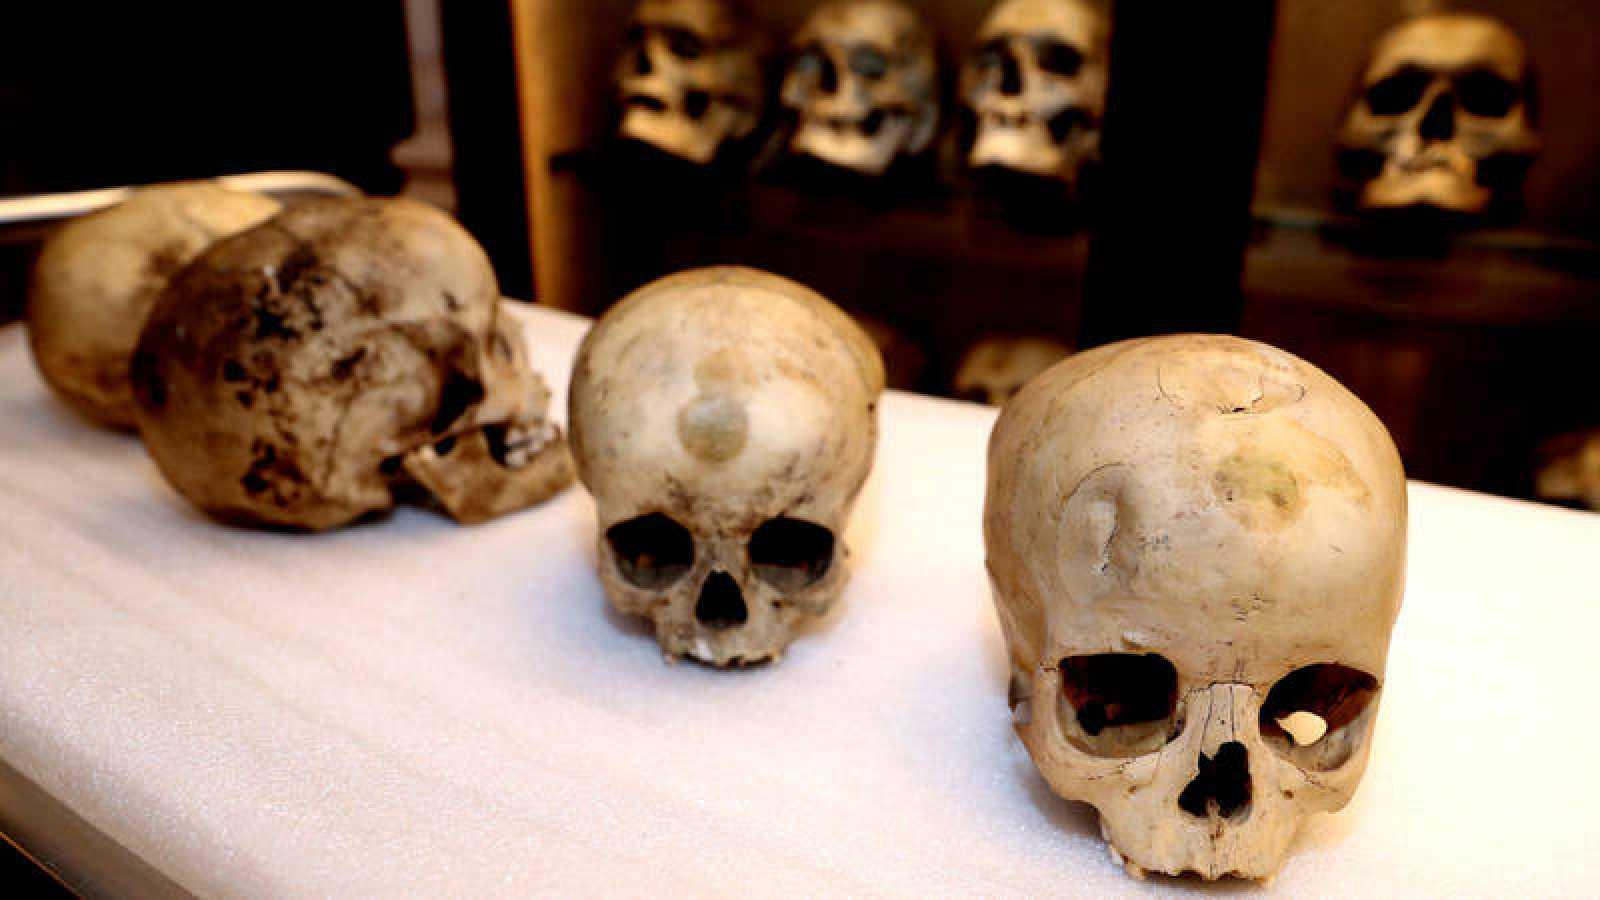 Los cráneos proceden de varios yacimientos prehispánicos de Gran Canaria datados entre los siglos VI y XV.